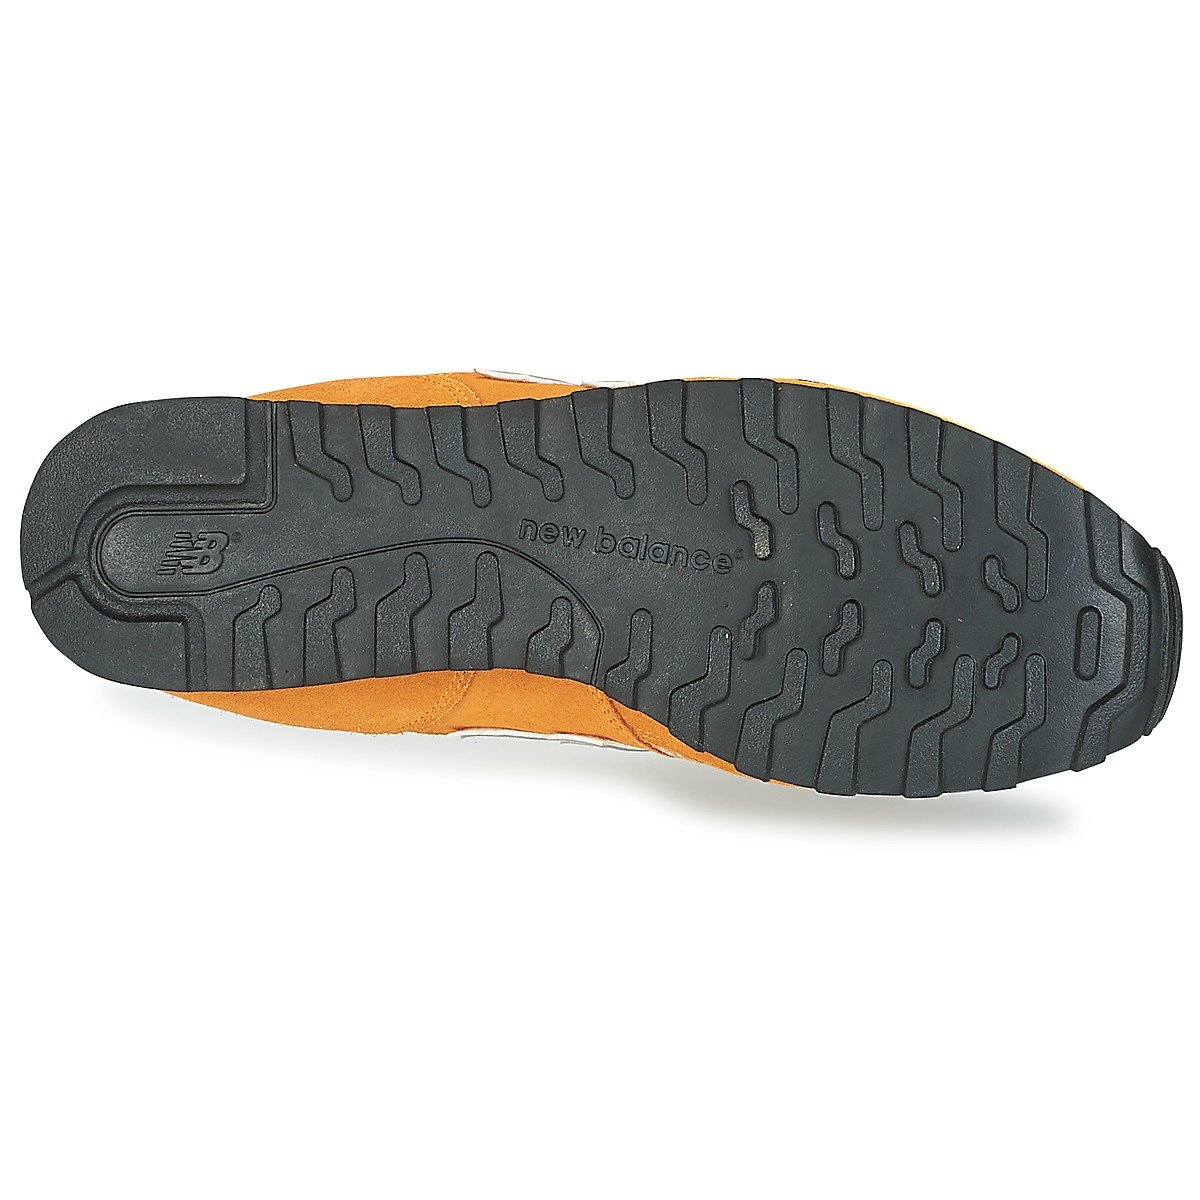 New Balance ML373 ML373 ML373 scarpe da ginnastica Uomini